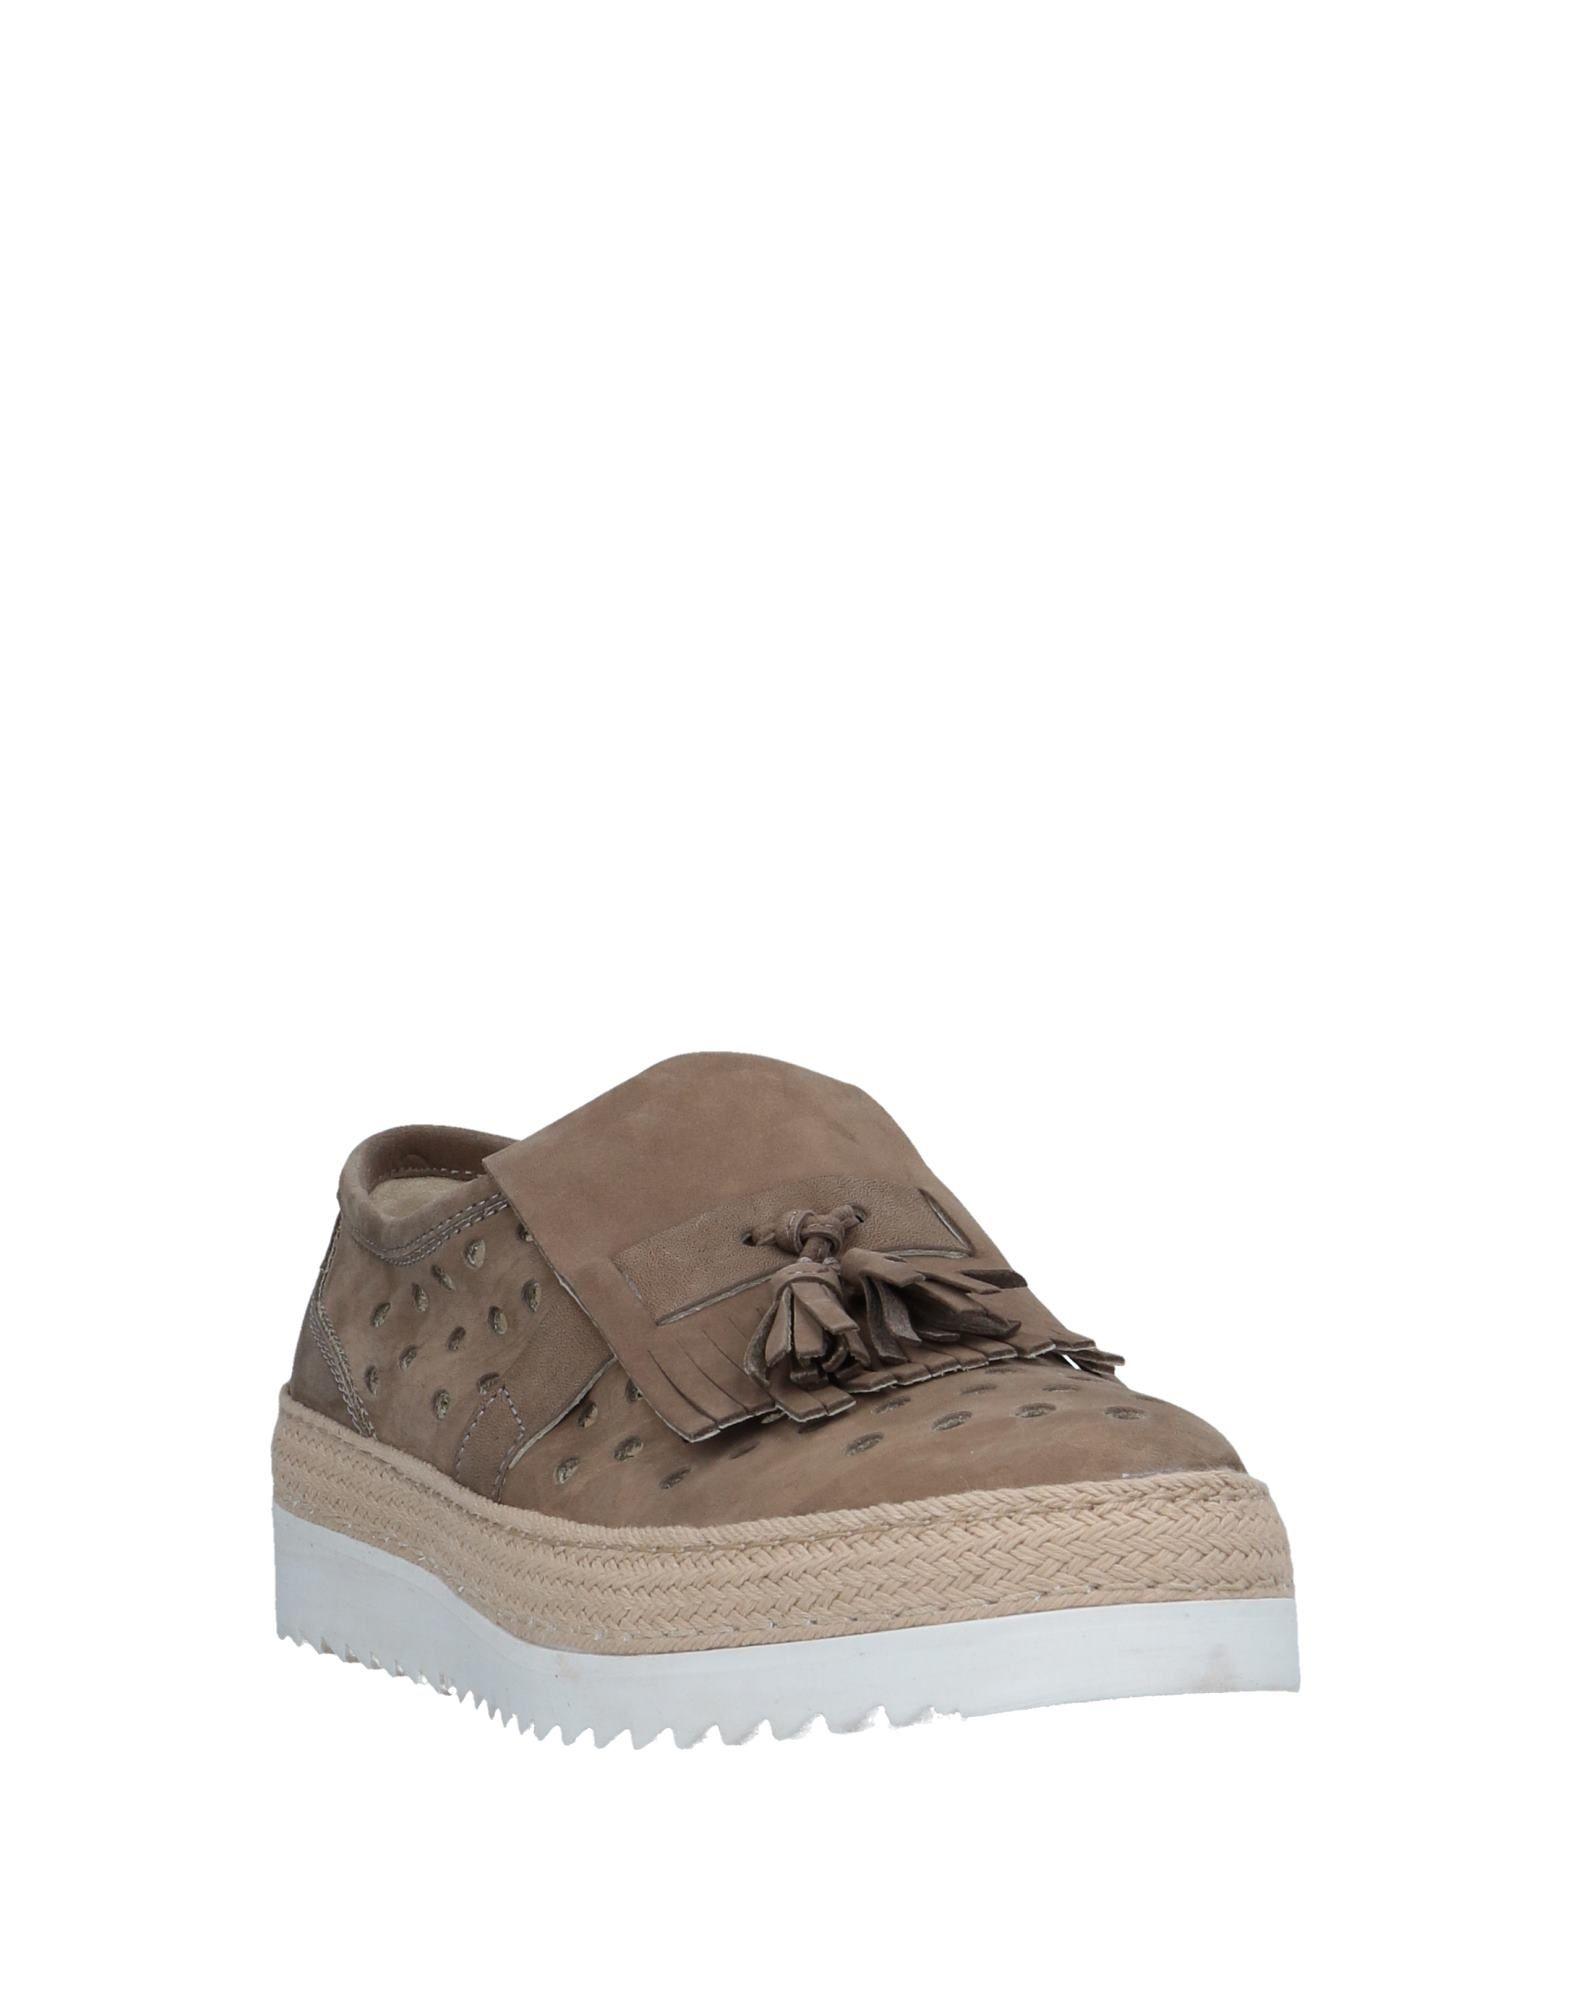 Antica Cuoieria Mokassins Damen    11527798AX Gute Qualität beliebte Schuhe 65a74f